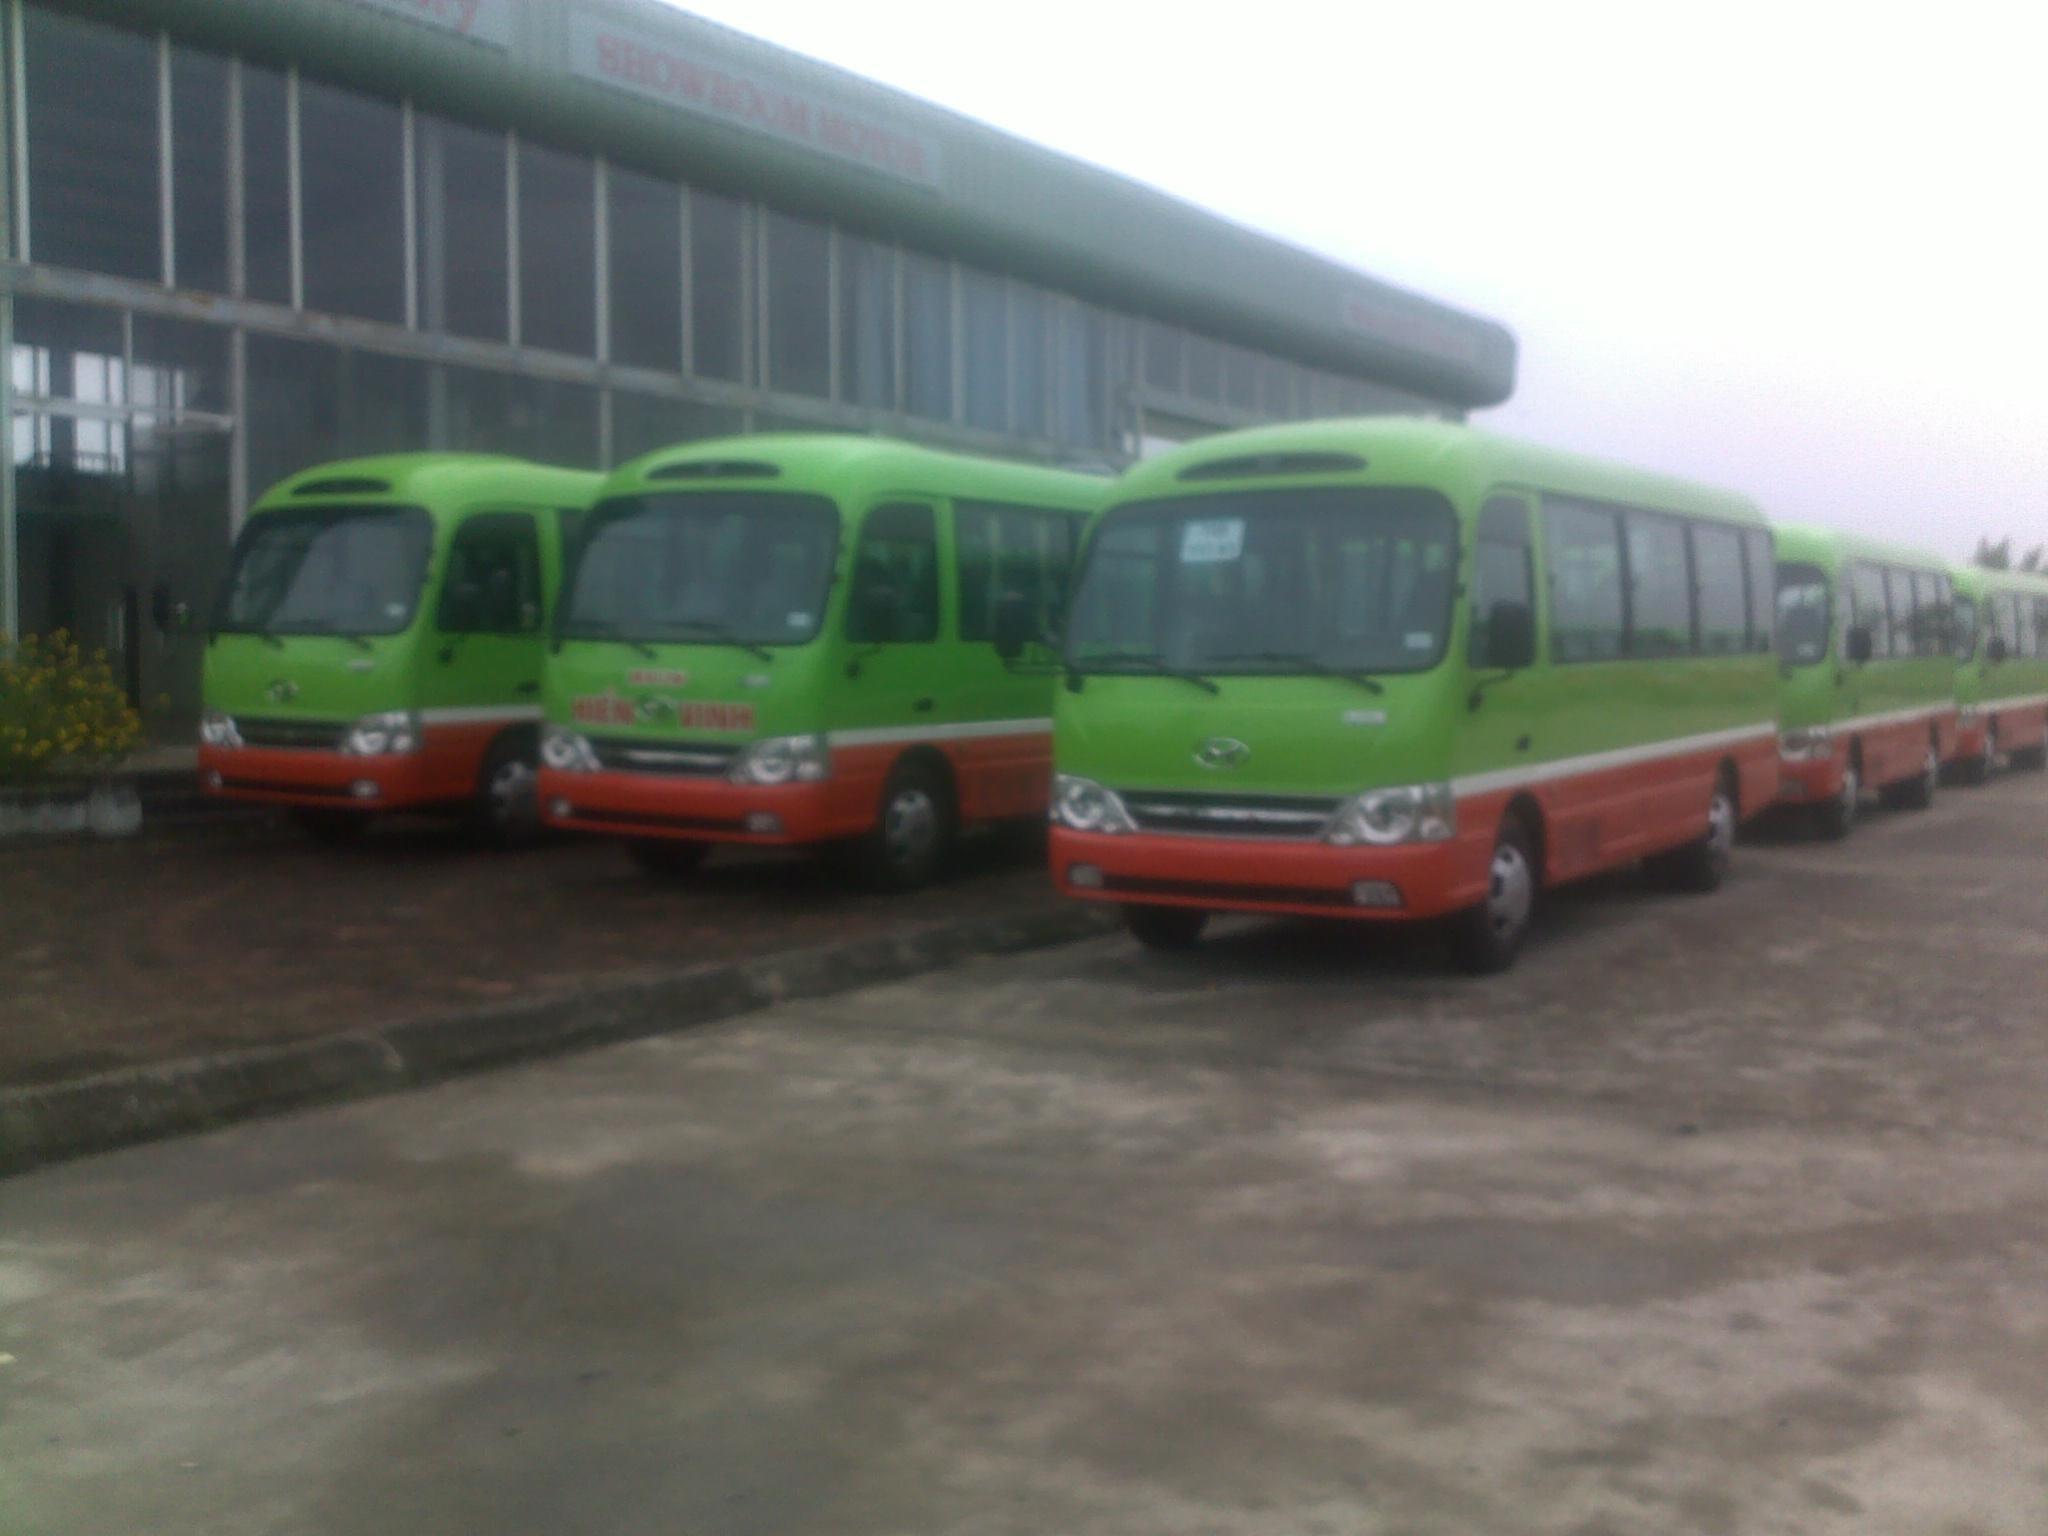 hmt-bus-b40-ngo-gia-tu-huyndai-than-dai-1